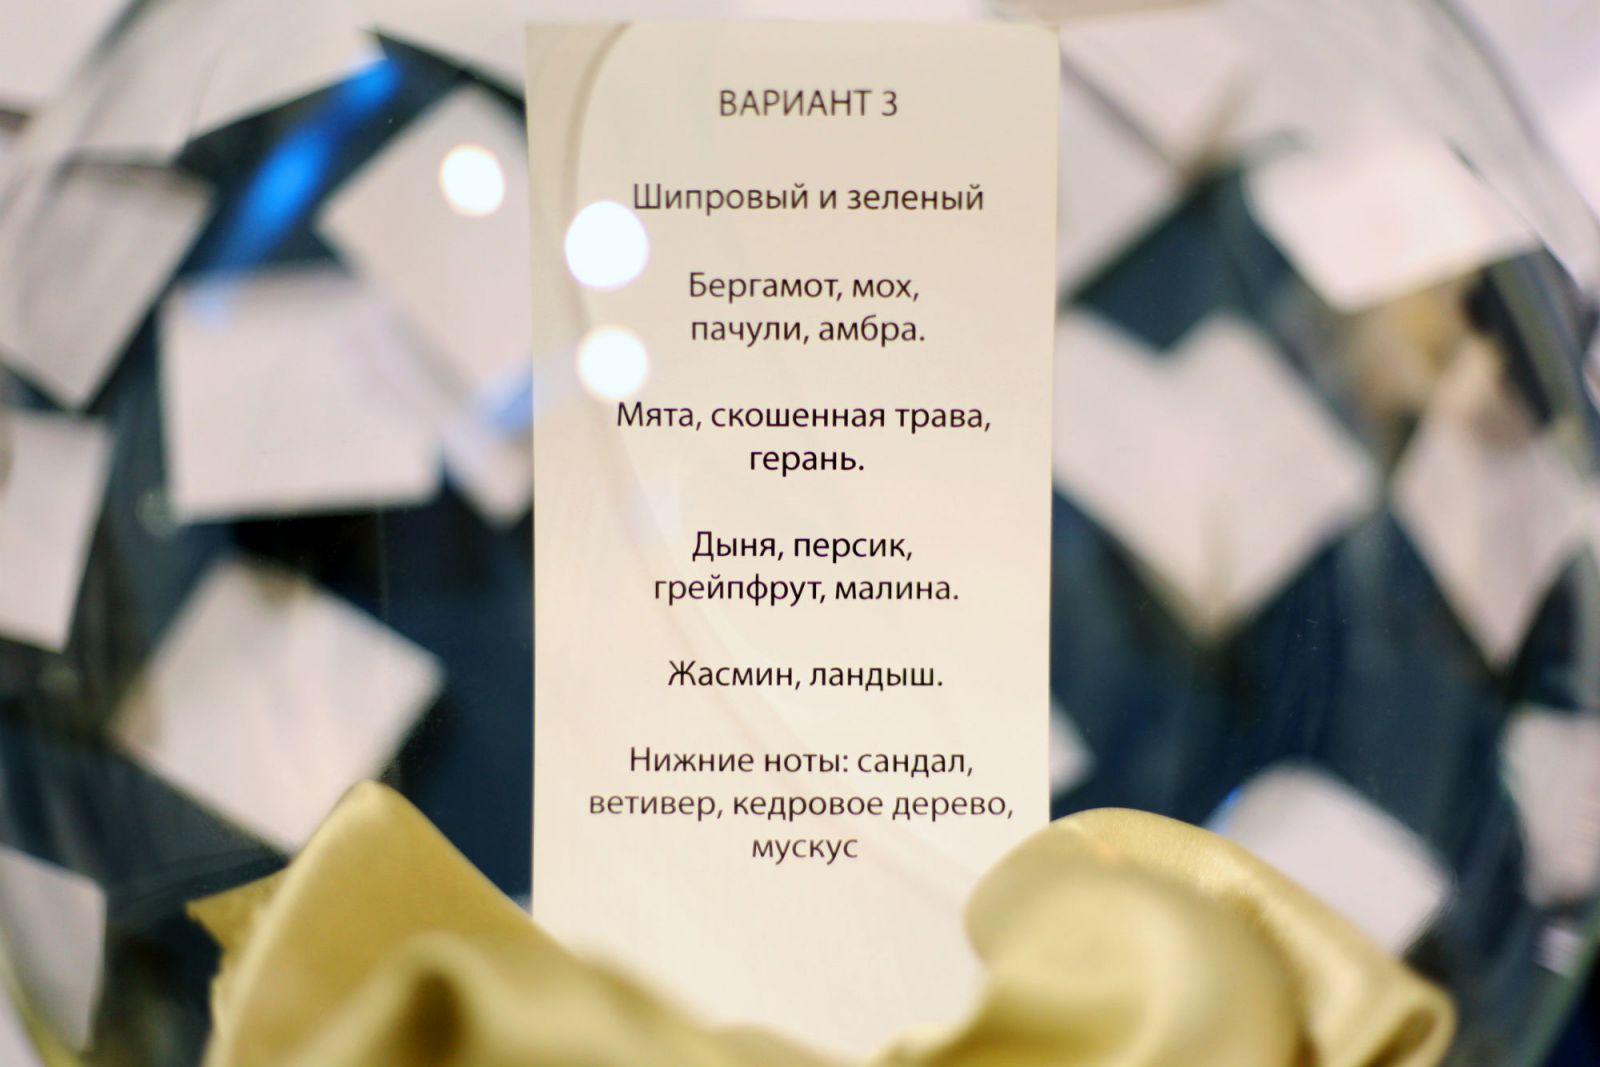 Как будет пахнуть парфюм Украина - фото №5